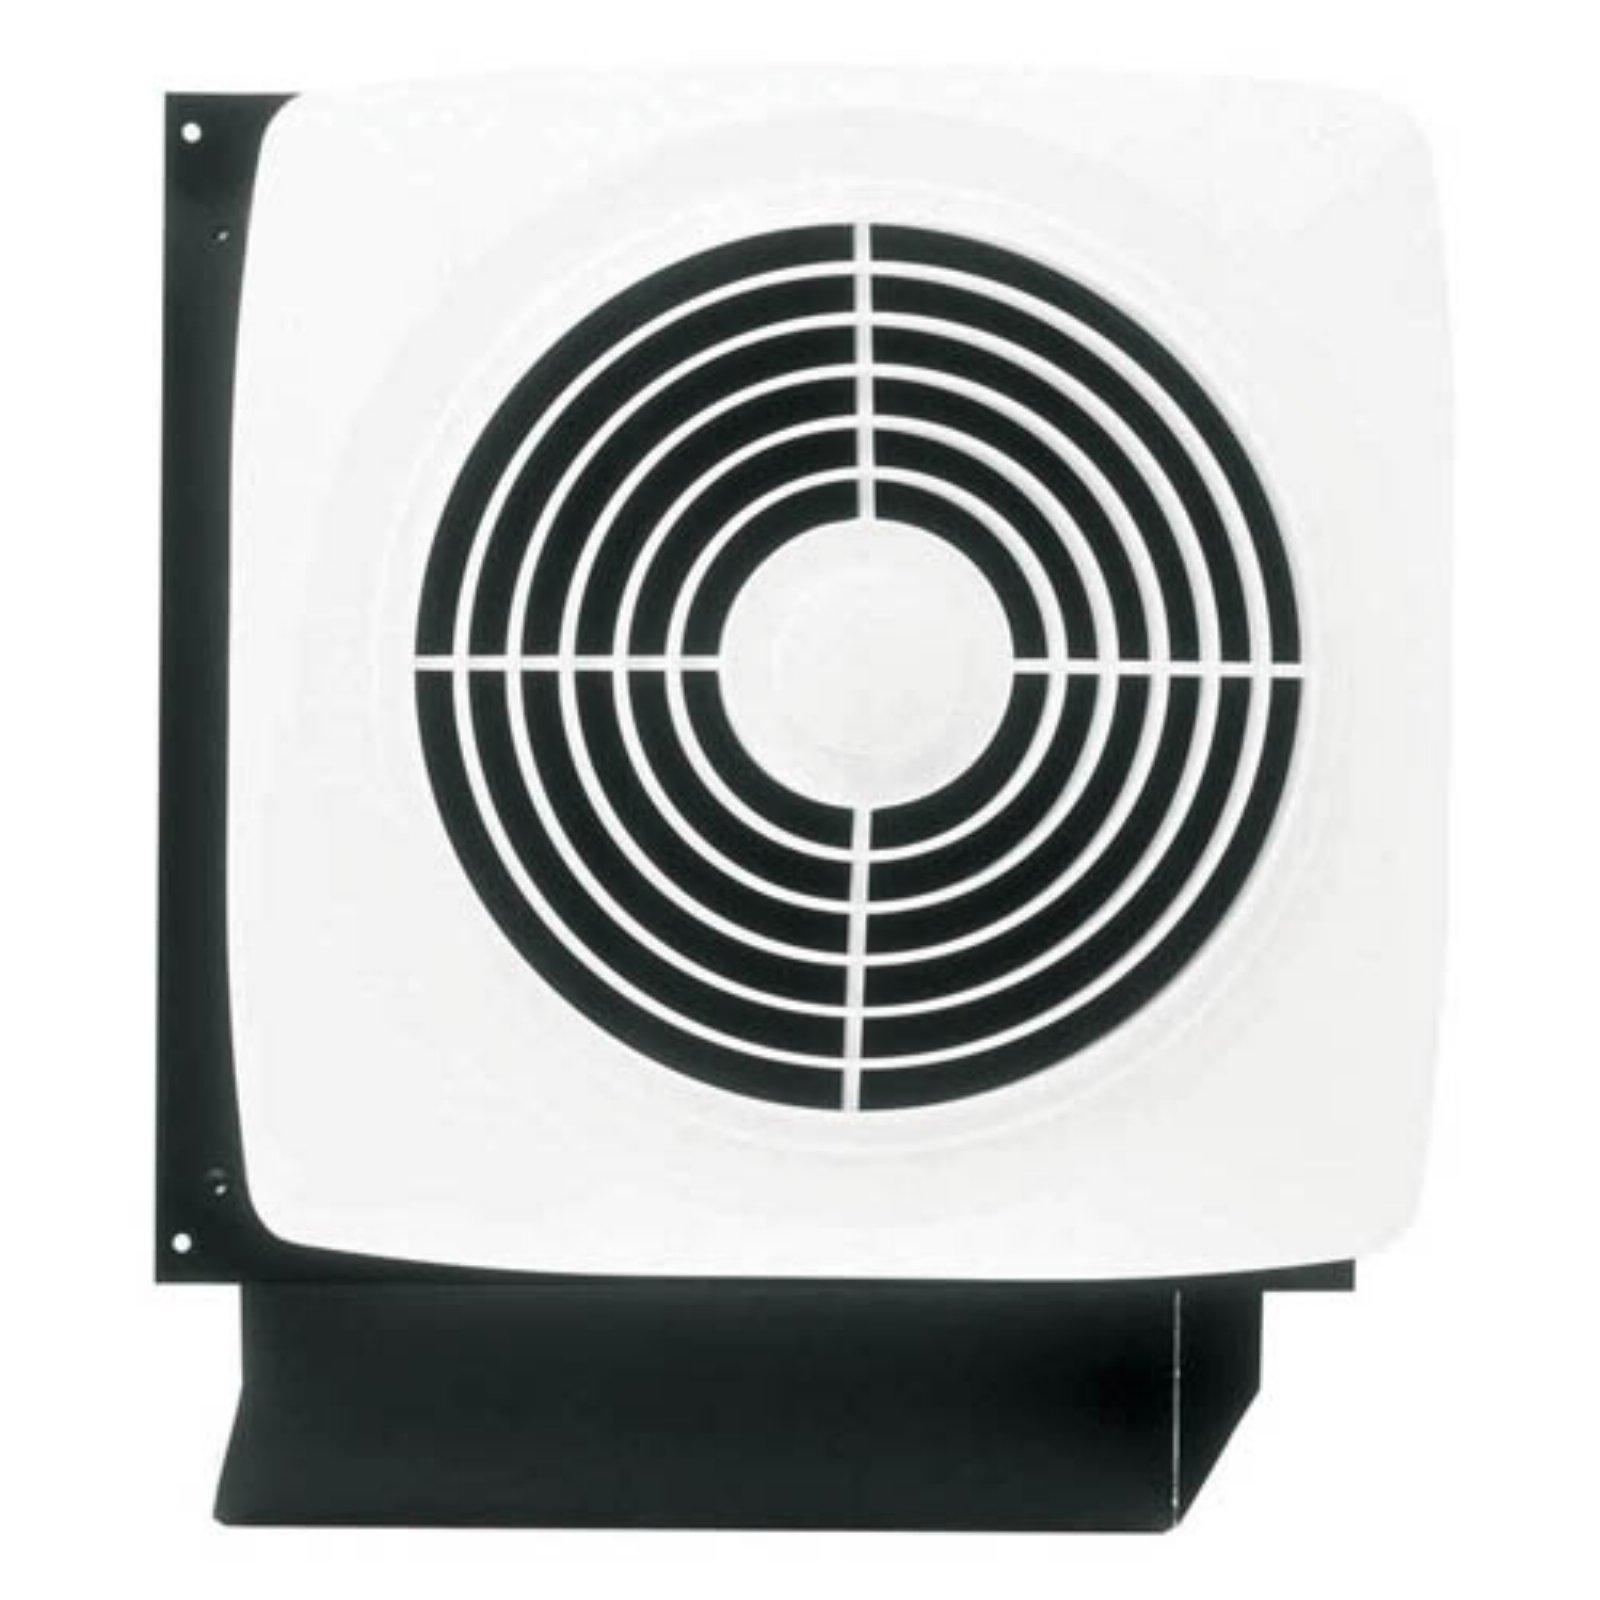 Broan Nutone 8 In Through Wall Ventilation Fan With Switch Ventilation Fan Bathroom Fan Exhaust Fan